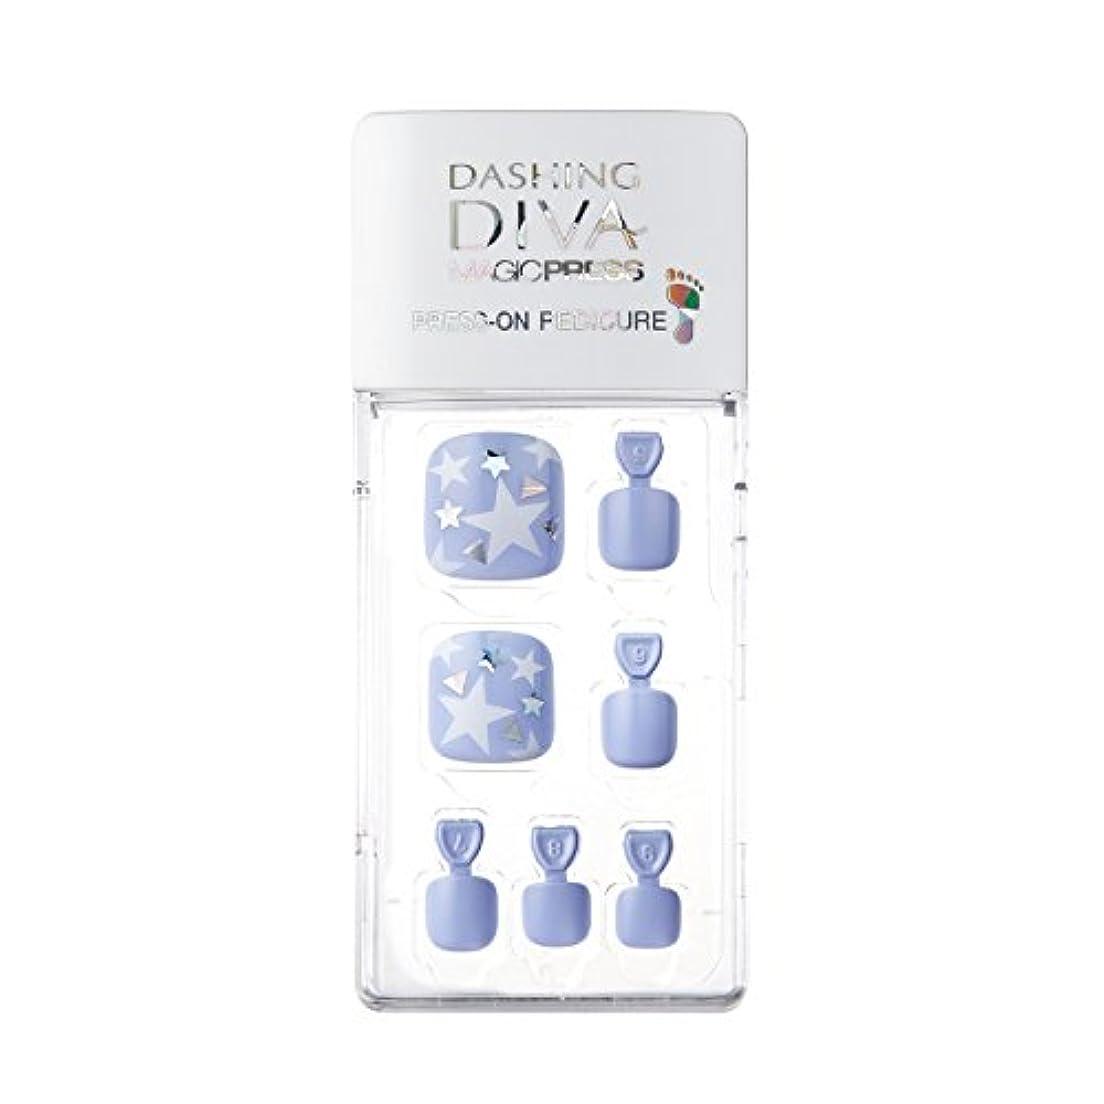 始まりアイスクリーム部分的ダッシングディバ マジックプレス DASHING DIVA MagicPress MDR187P-DURY+ オリジナルジェル ネイルチップ